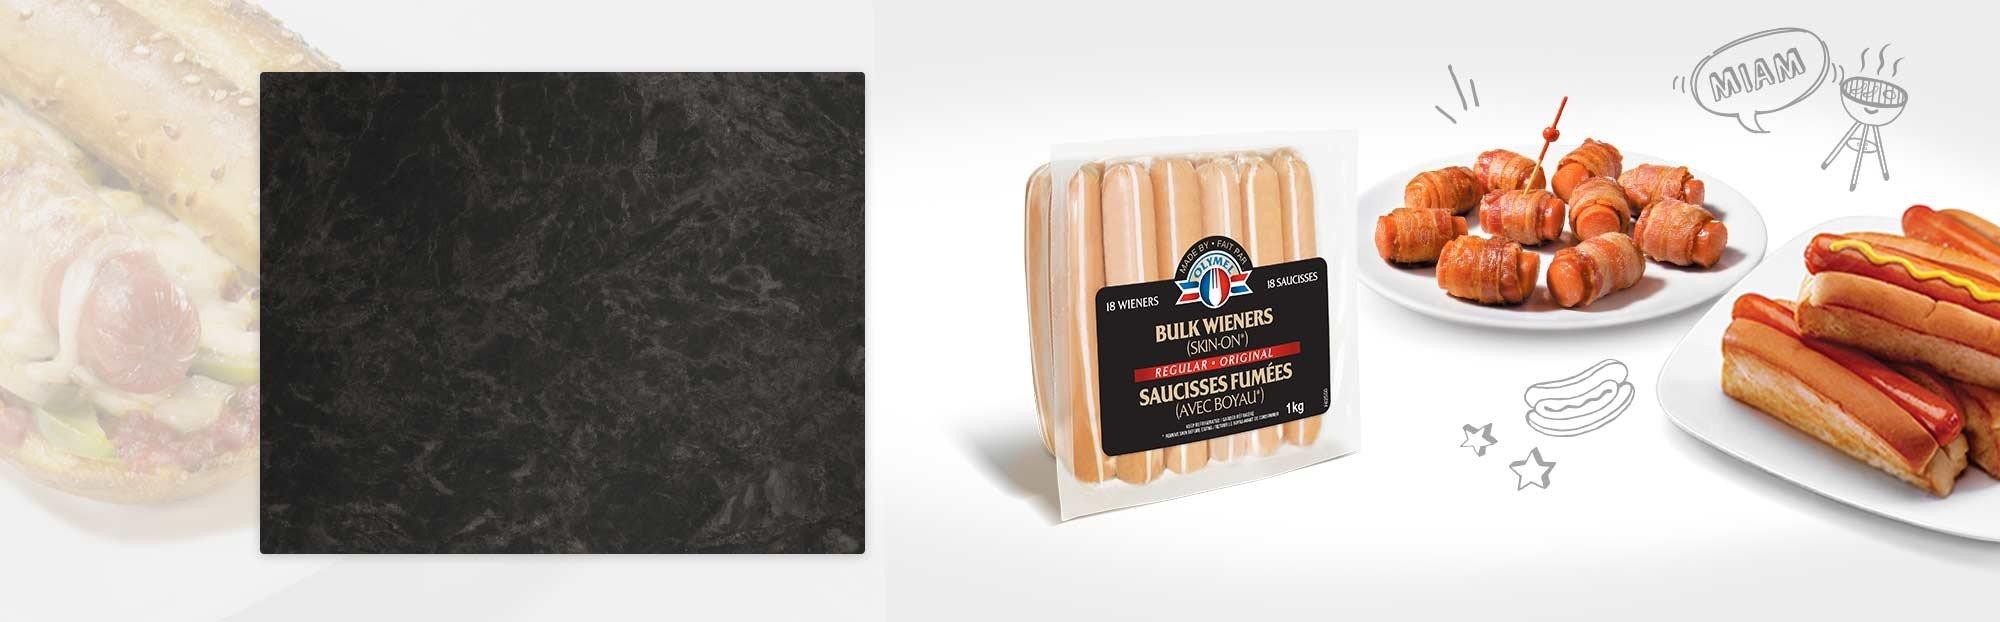 Regular wieners (Skin on)